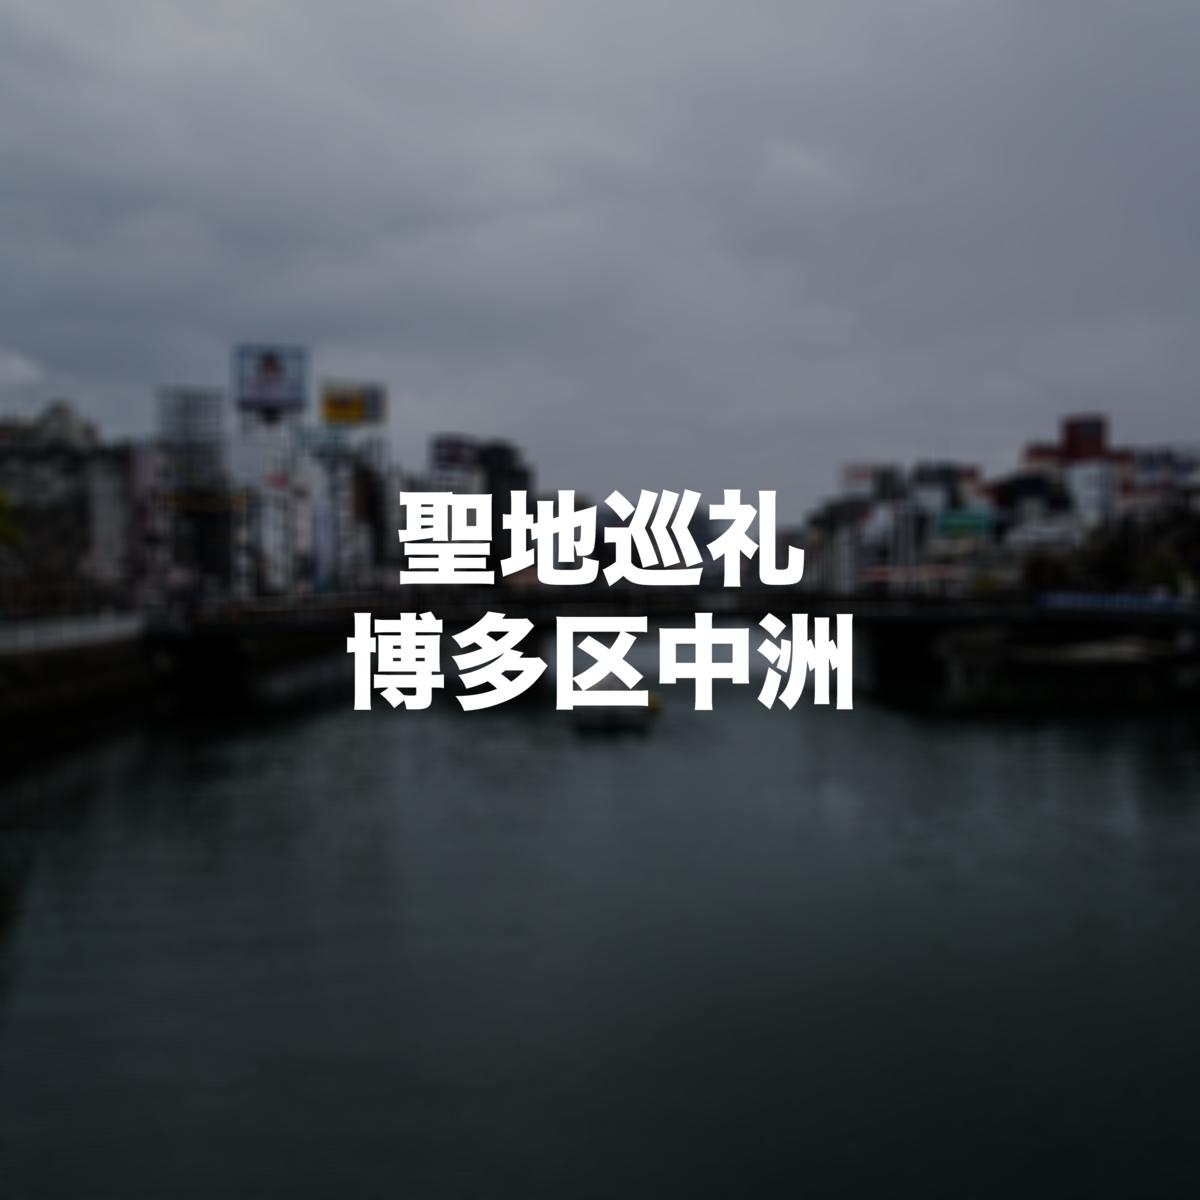 f:id:tidus_tabilog:20201123141902p:plain